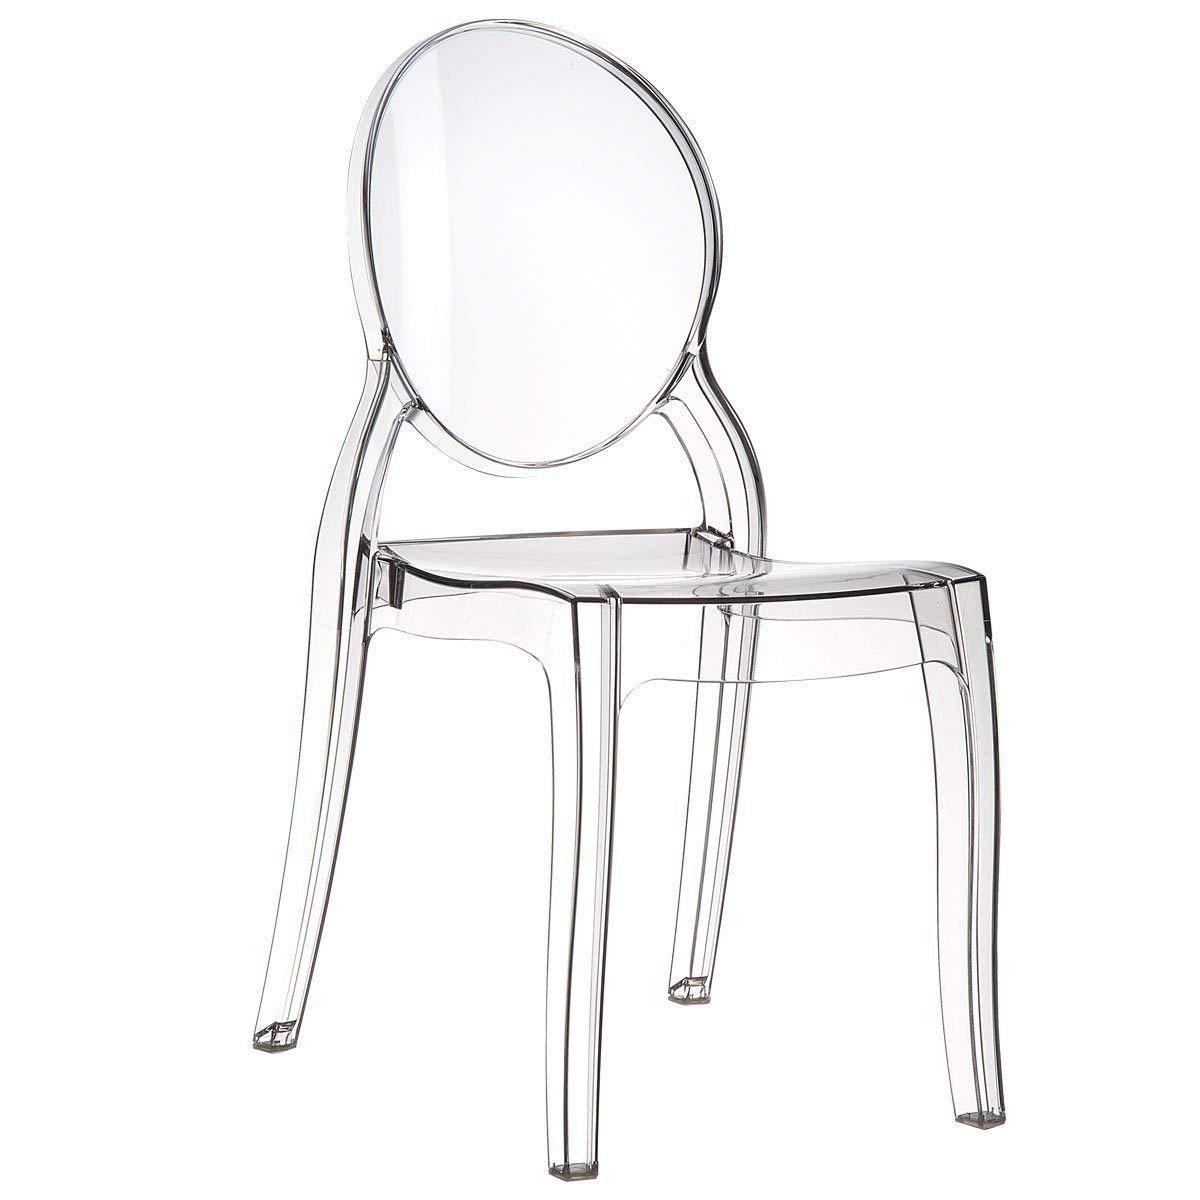 Bricok - Juego de 4 sillas de policarbonato transparente modernas y resistentes para casa, cocina, oficina, dormitorio, bar y hotel